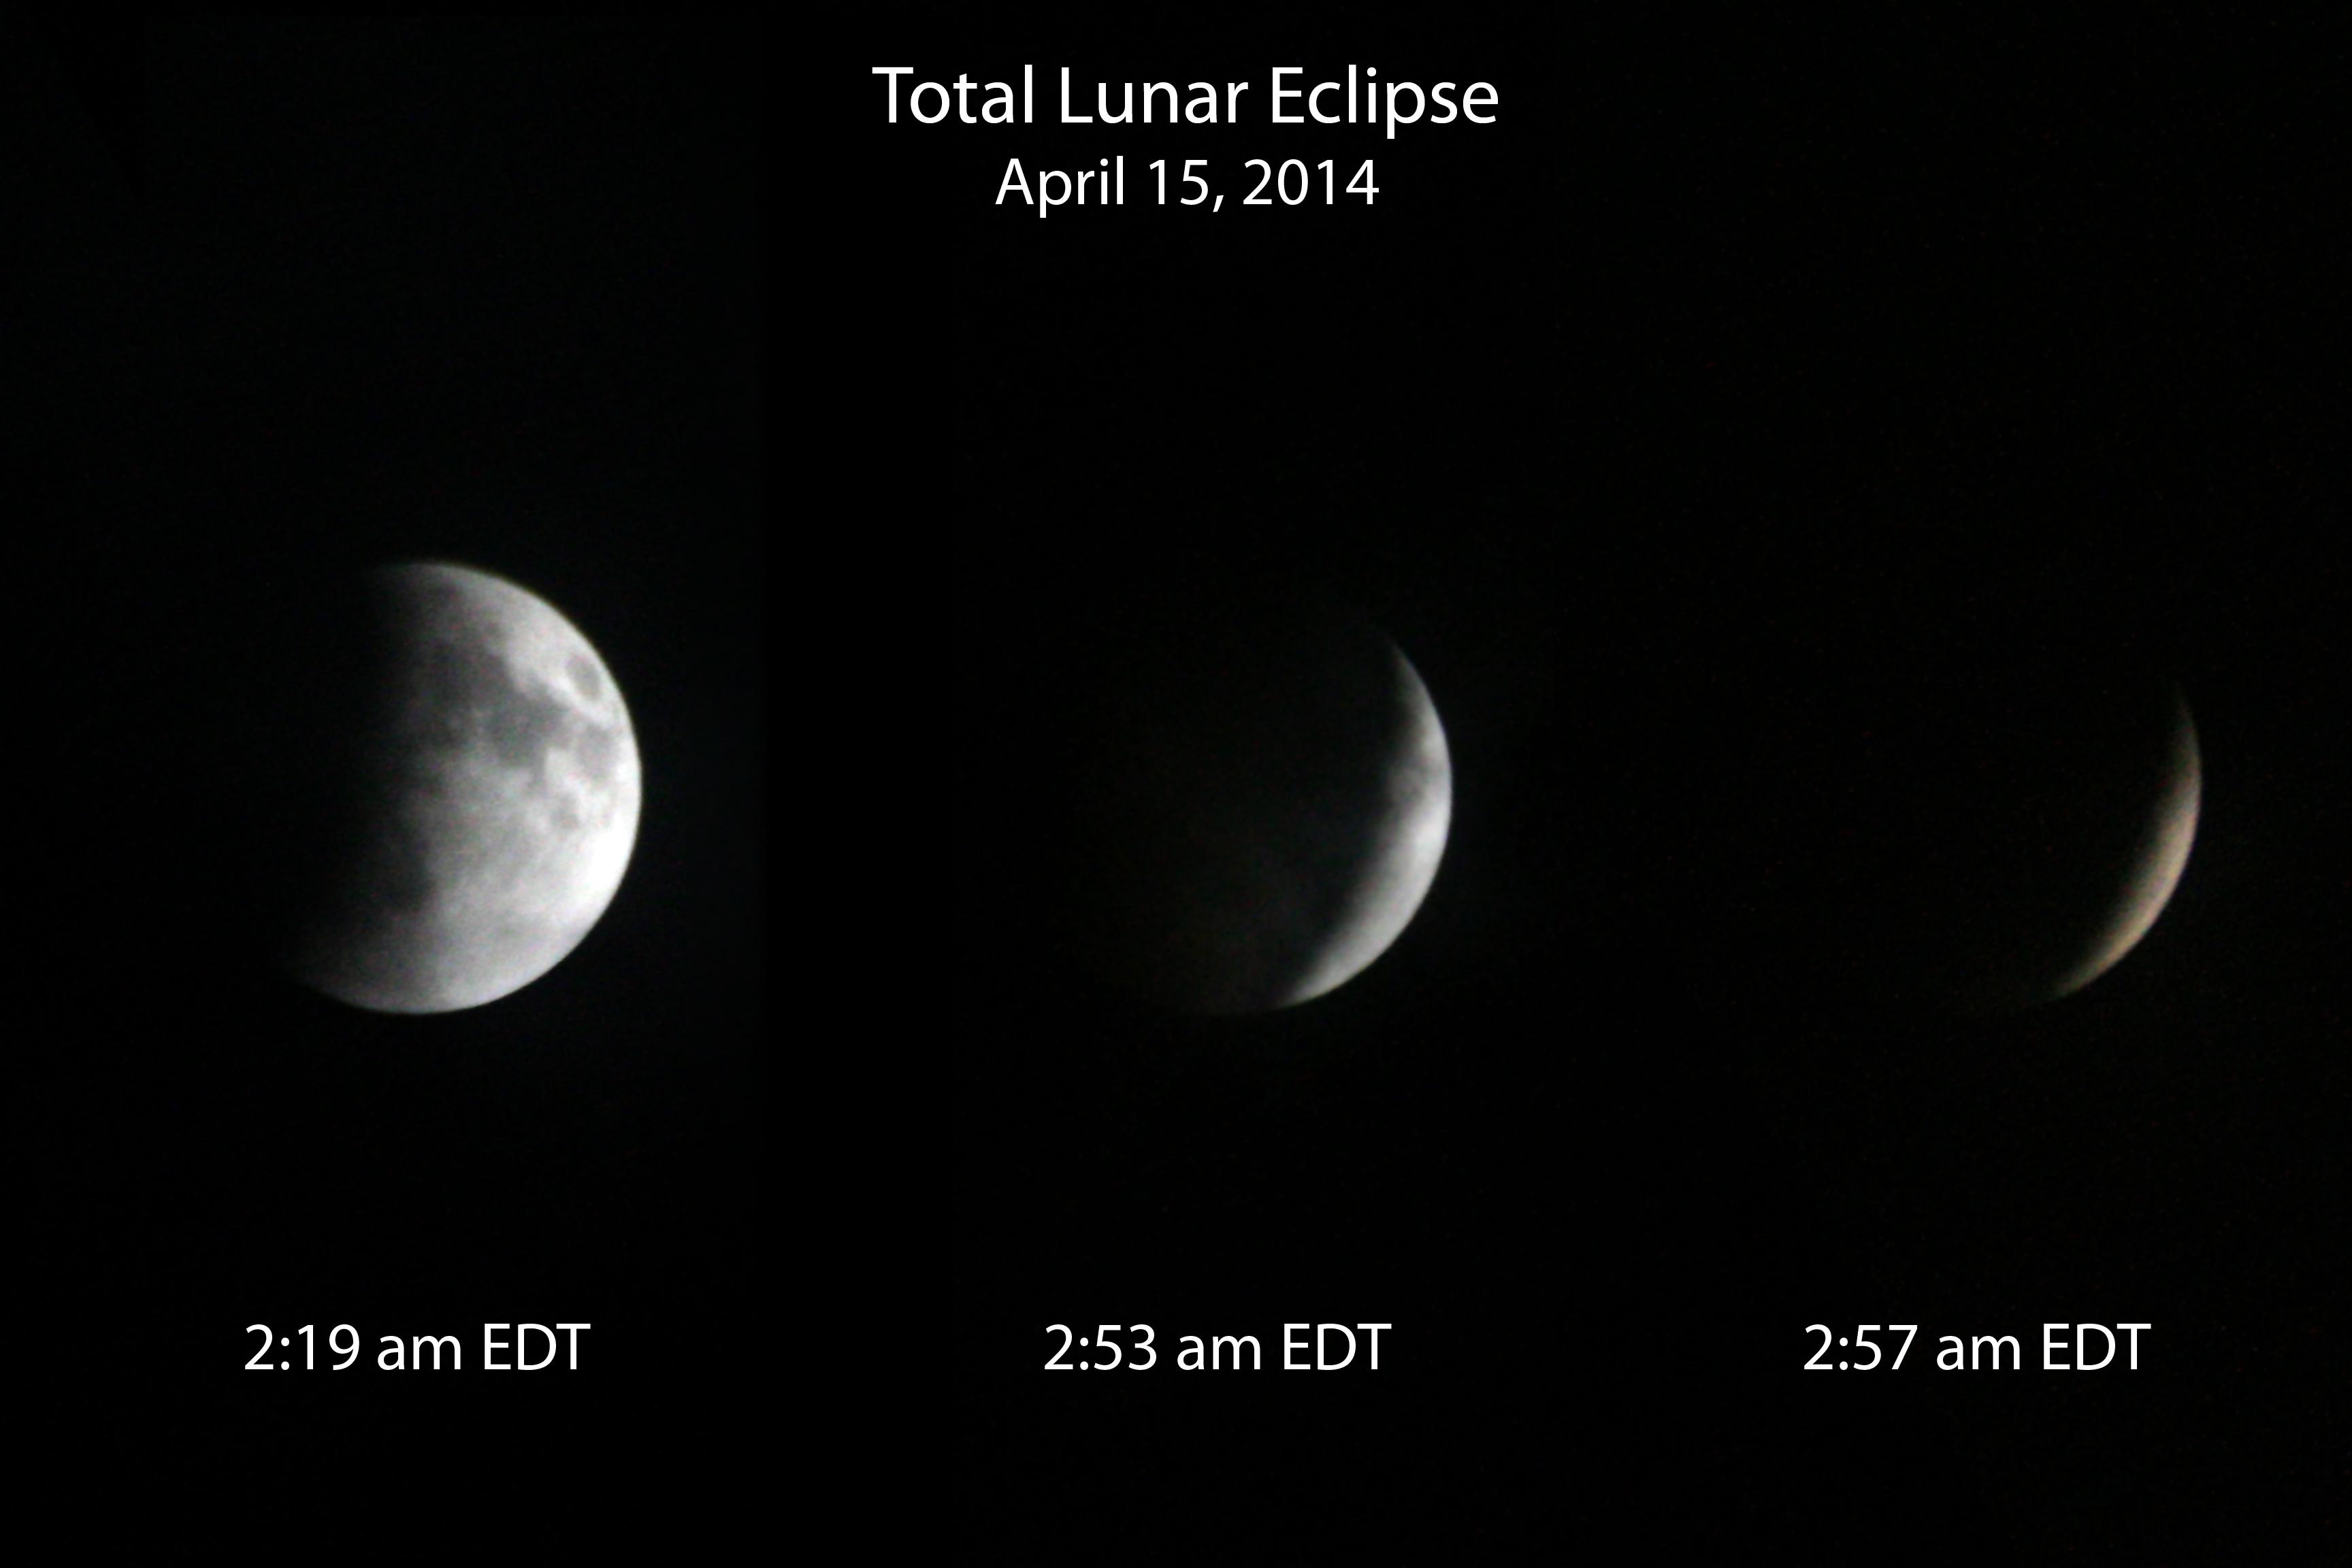 Lunar Eclipse - April 15, 2014